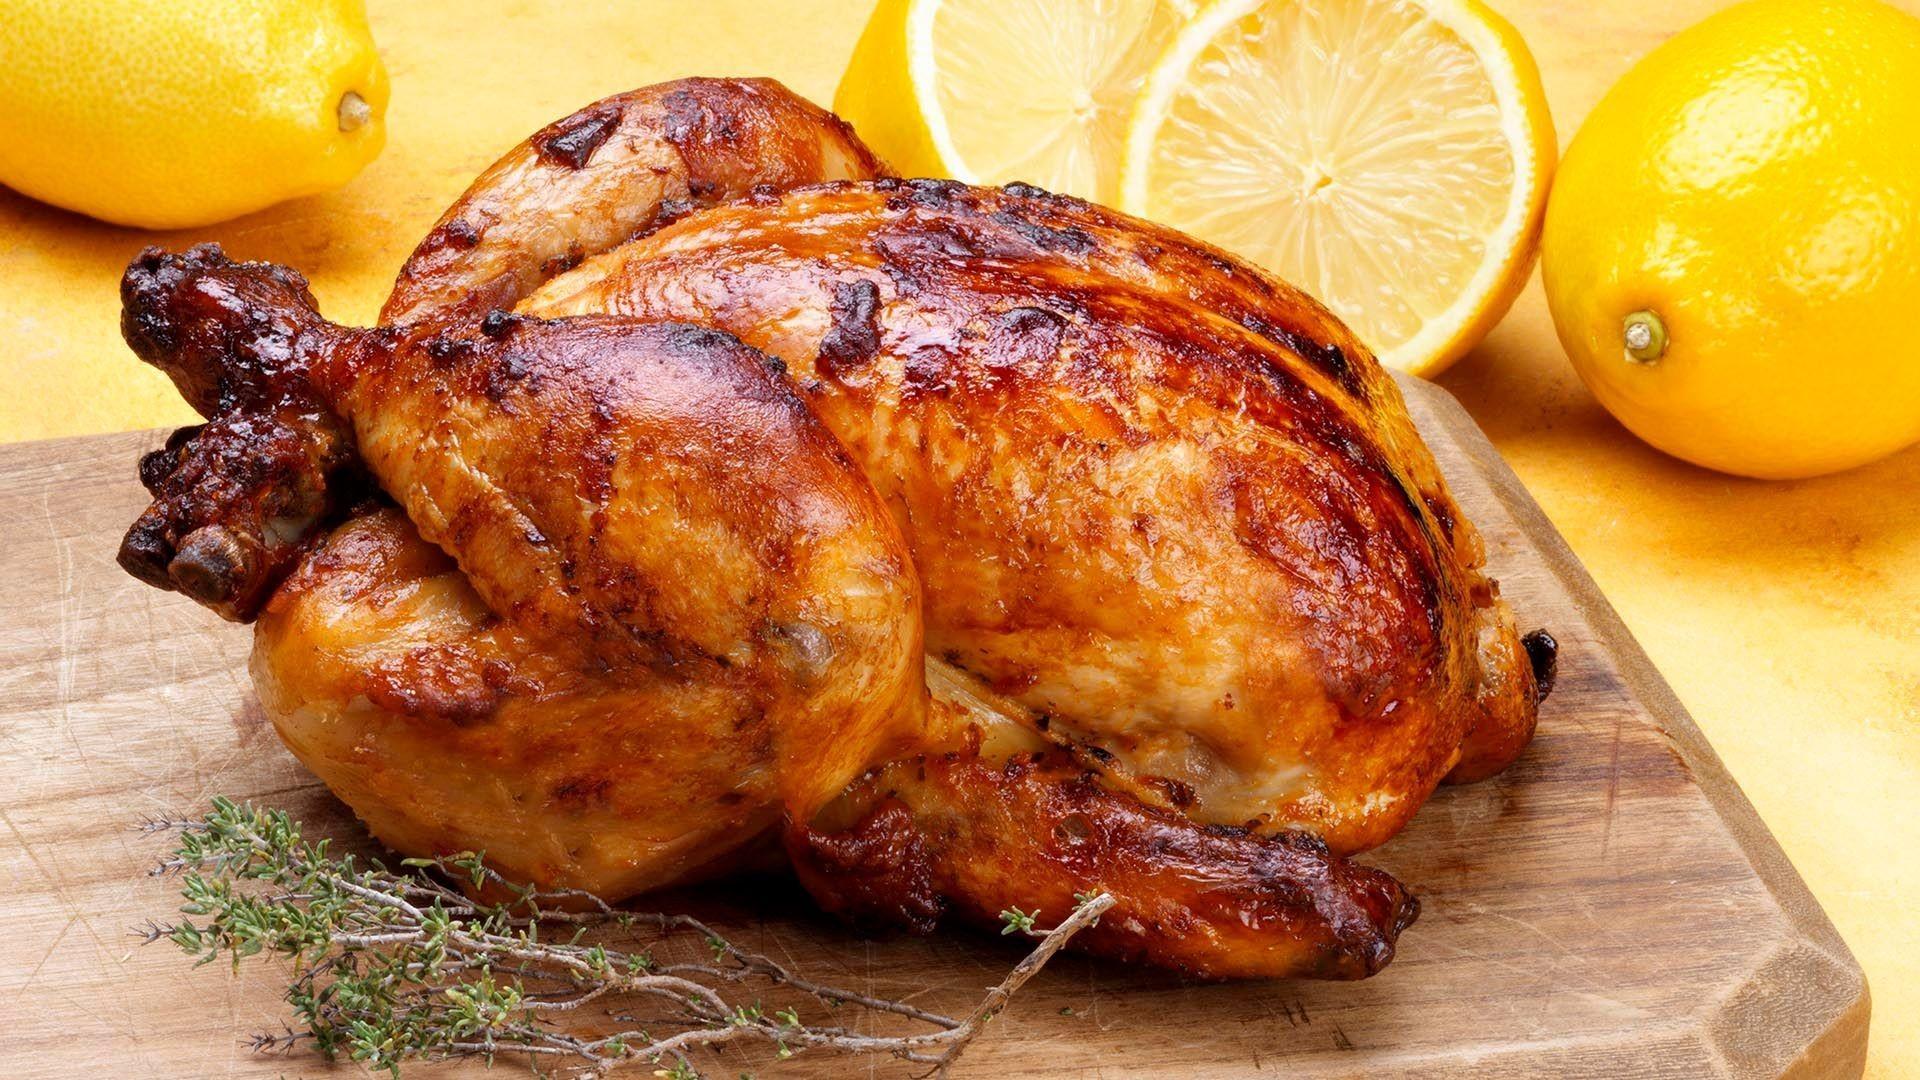 pollo-asado-citricos-1920